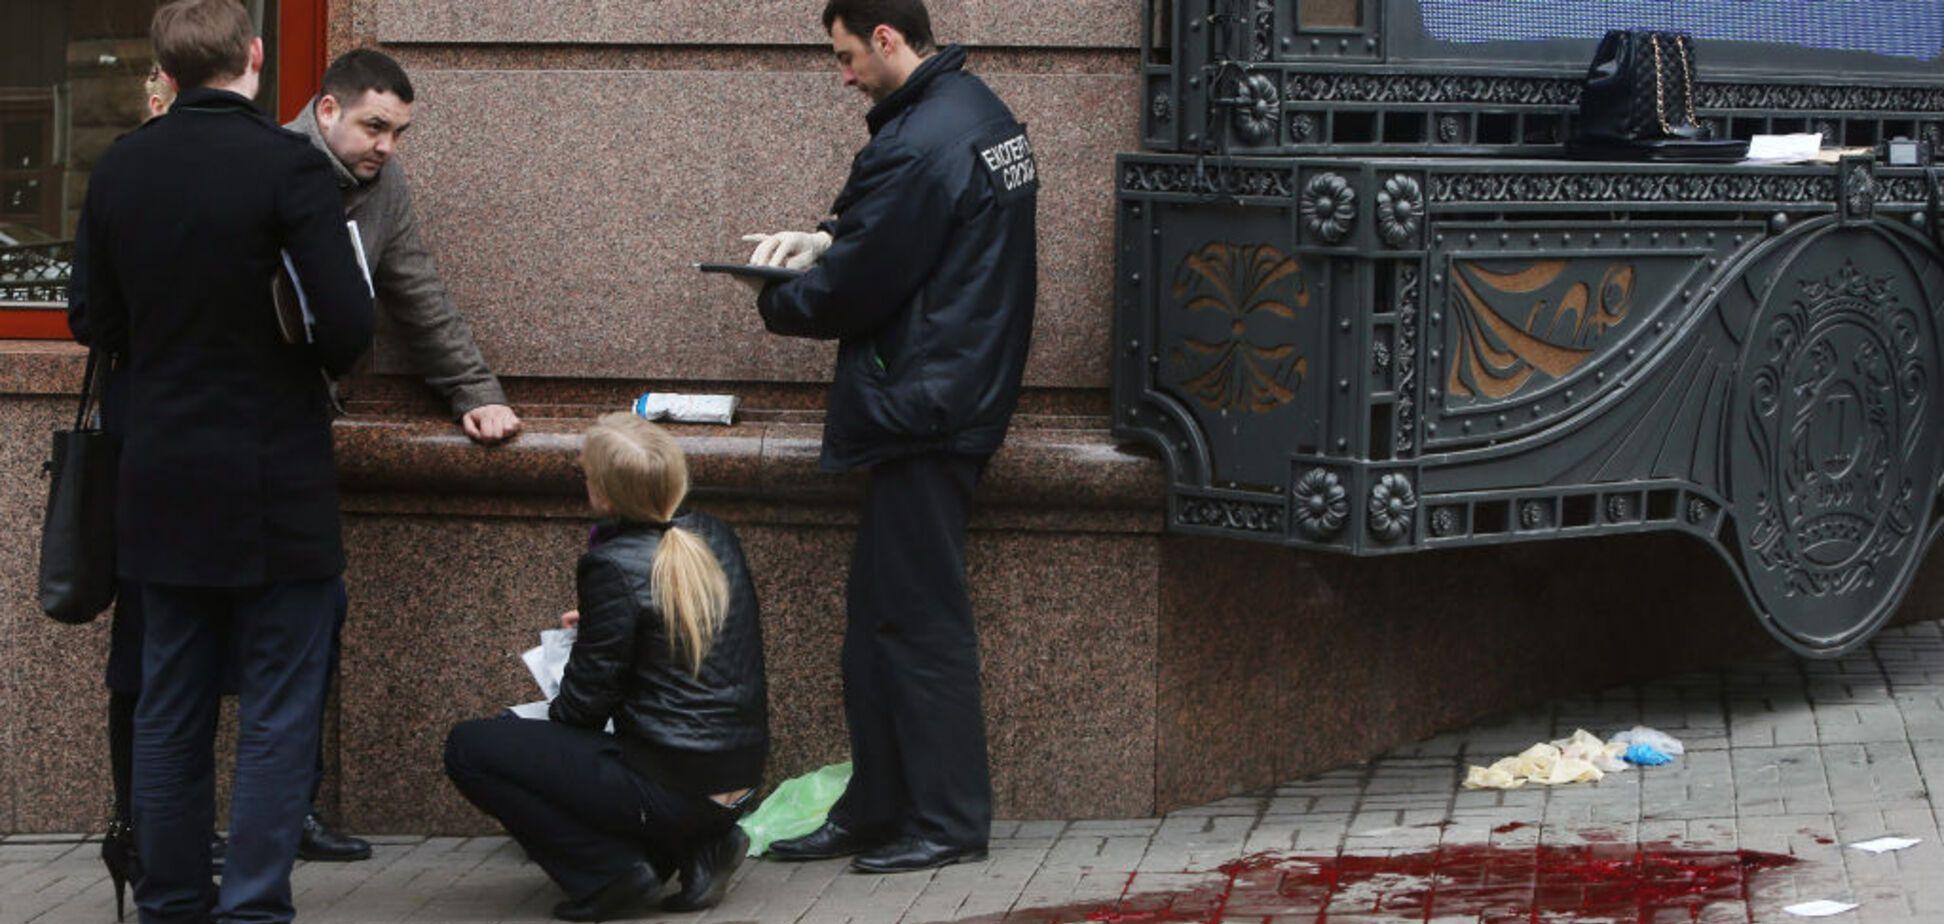 Не замовник: політик із Росії уточнив статус Тюріна в справі про вбивство Вороненкова